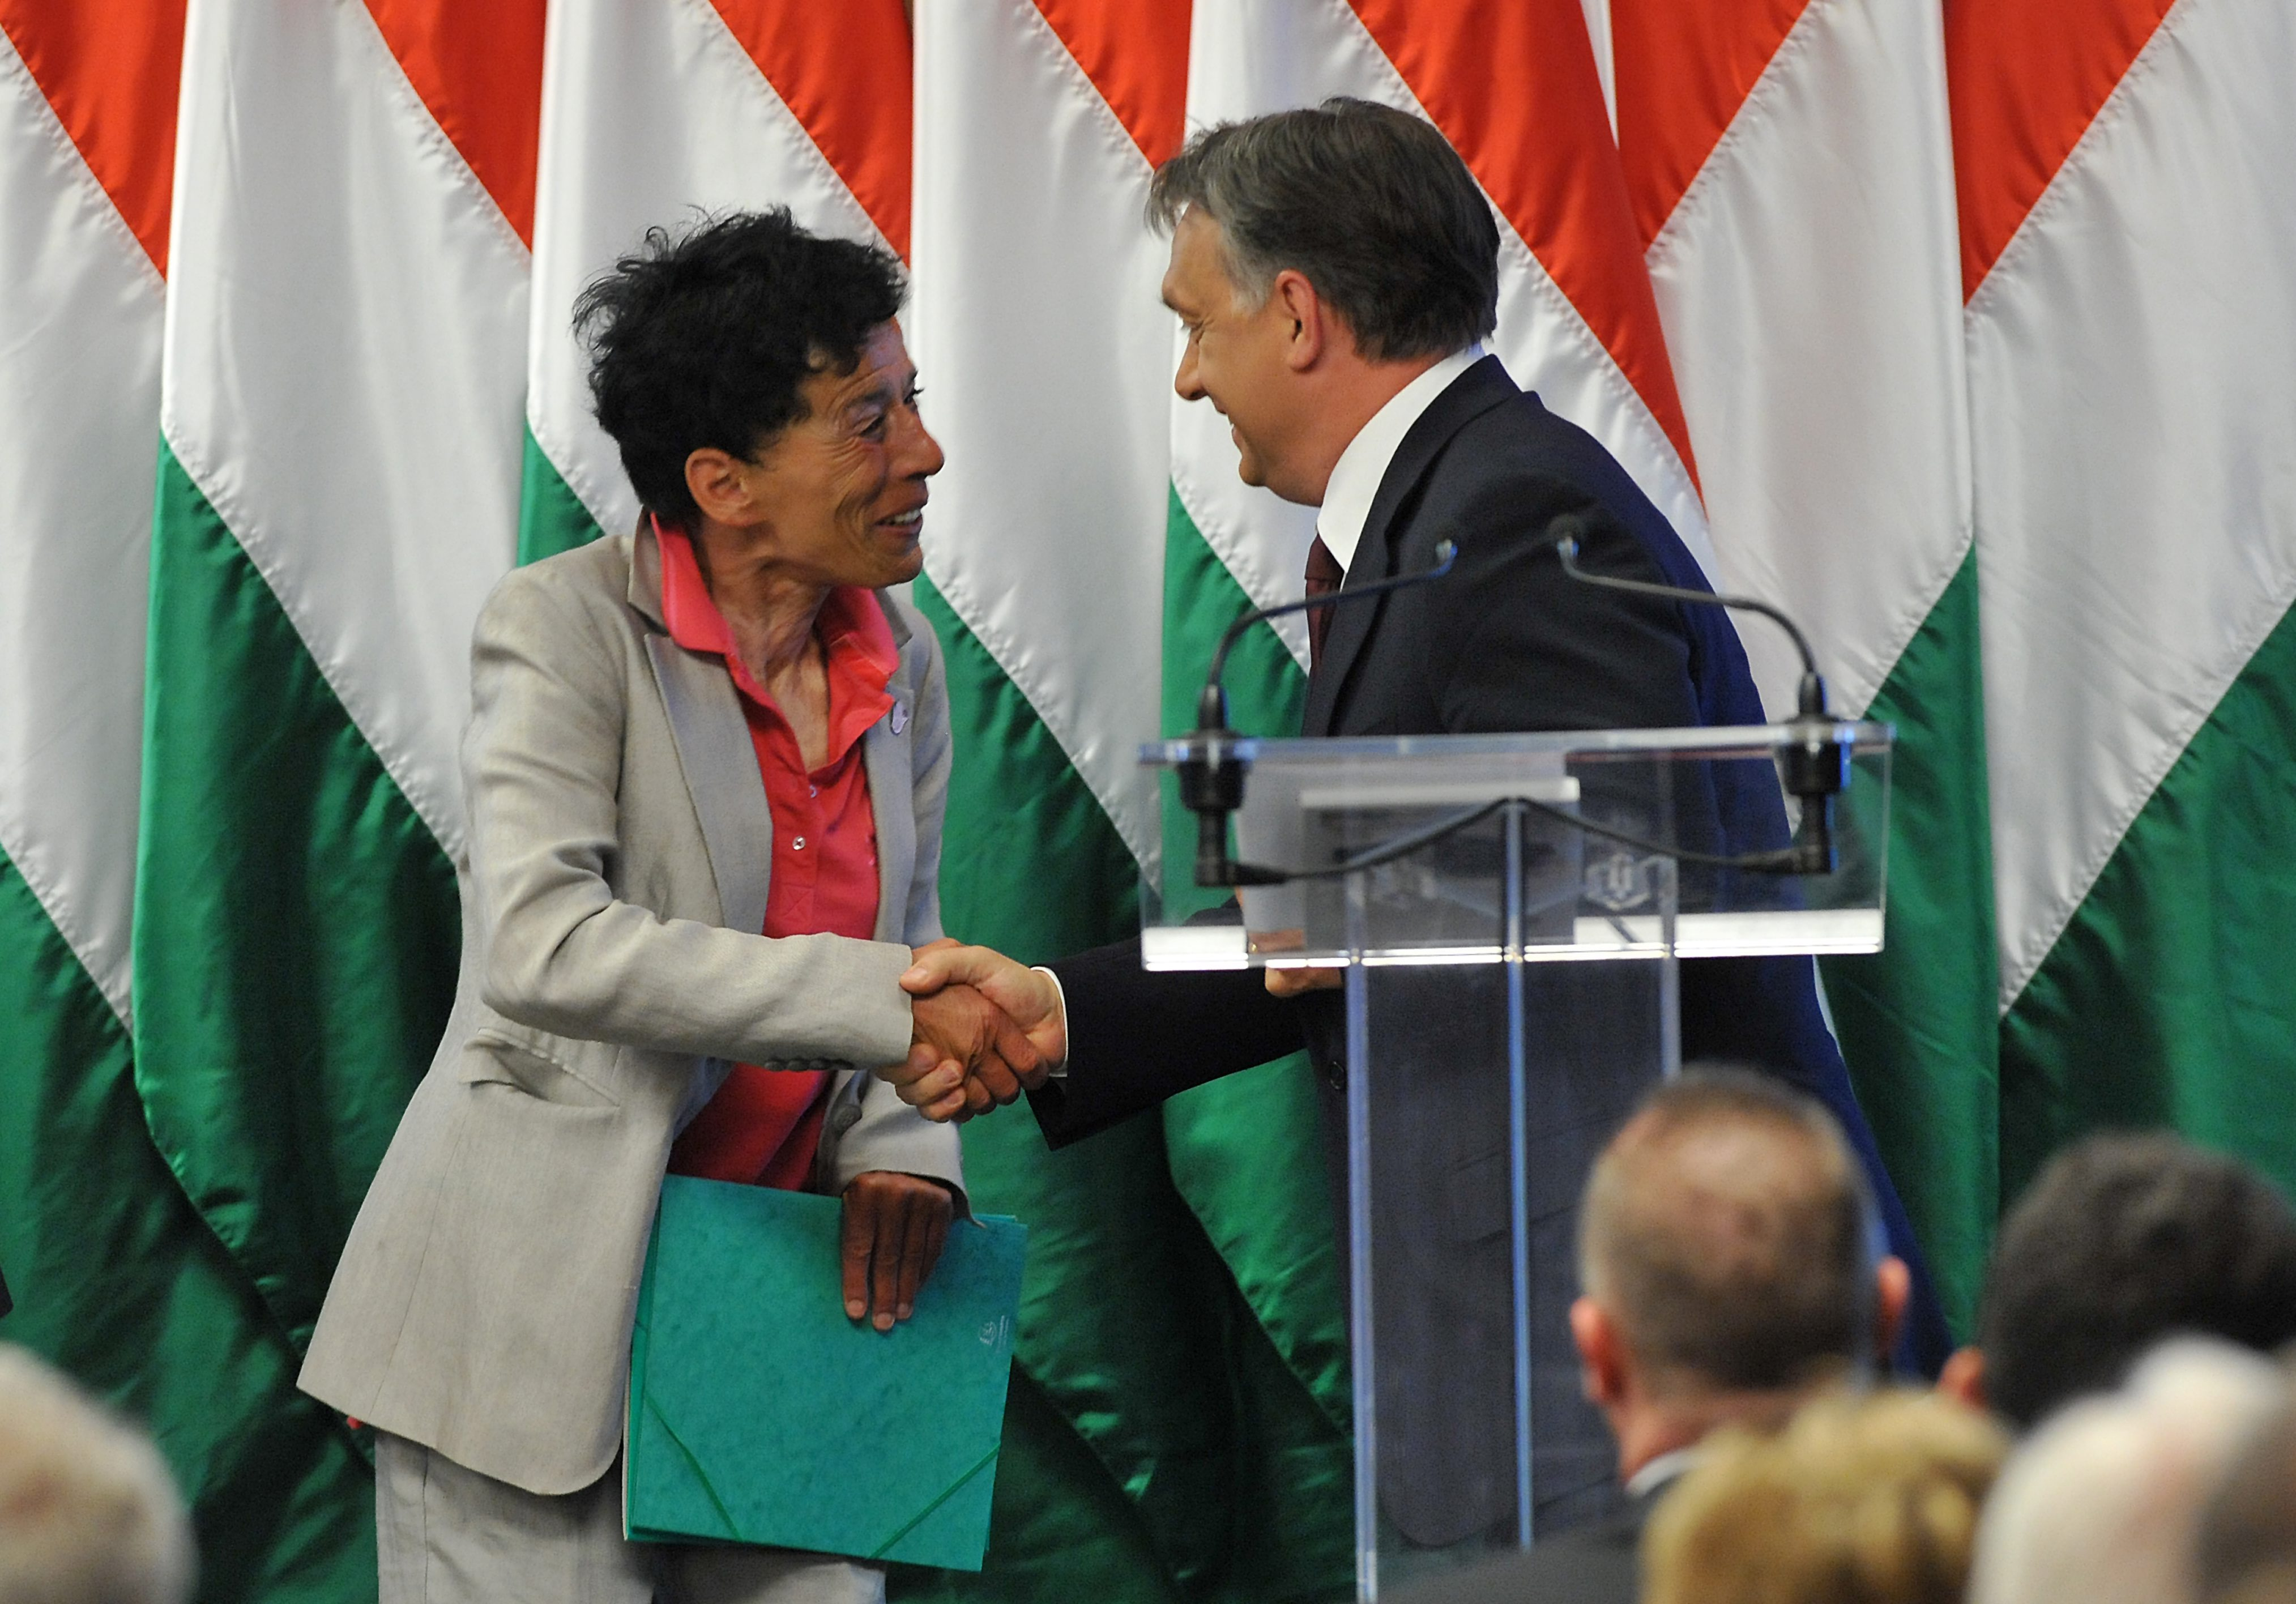 Üzleti ajándéknak vett Orbán tanácsadója 36 ezer forintos bort közpénzből